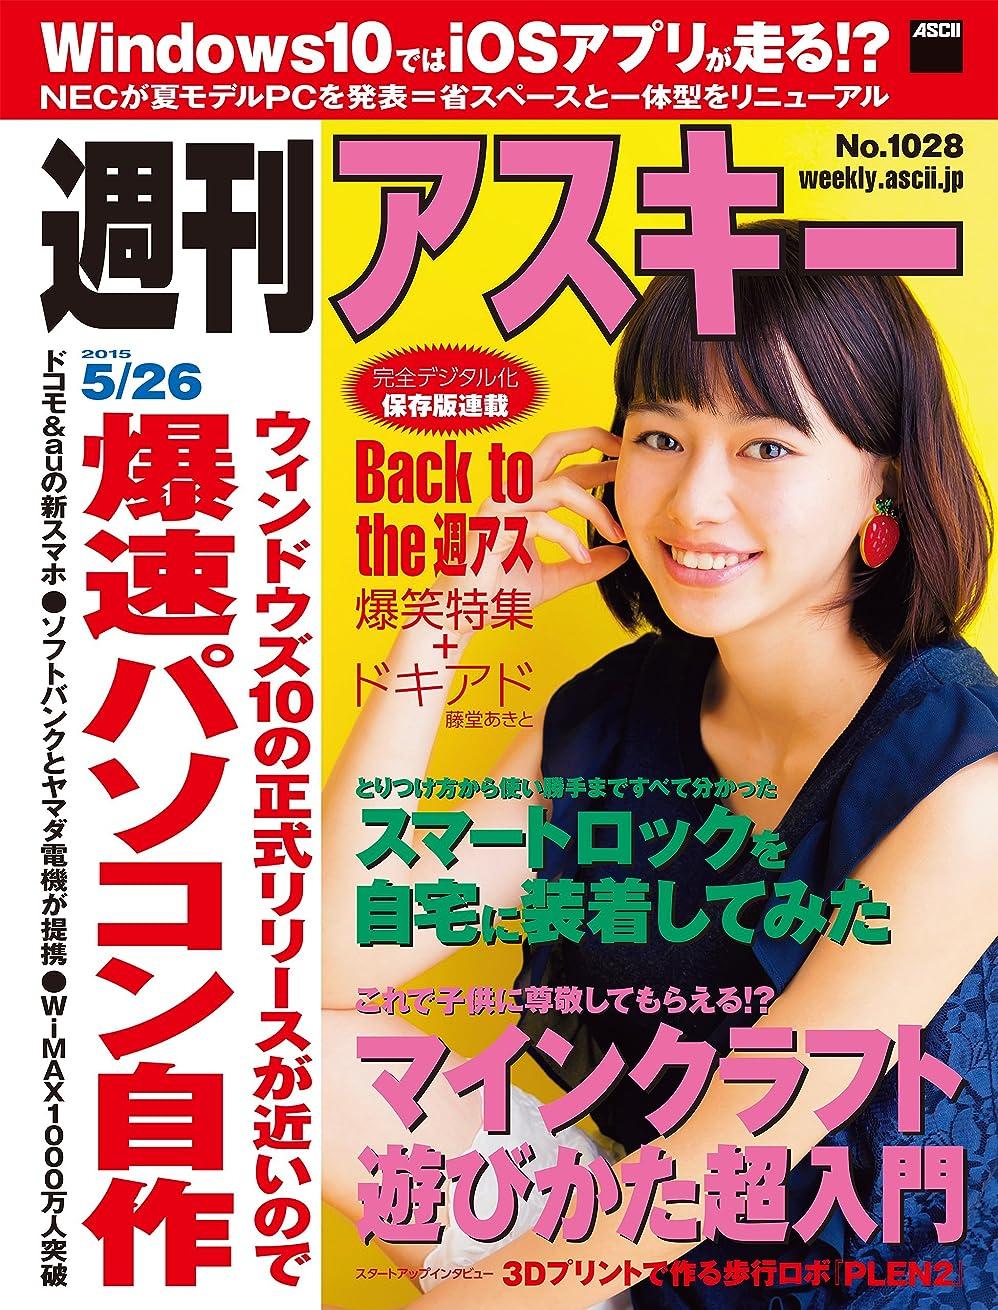 風刺シリンダー行政週刊アスキー 2015年 5/26号【電子特別版】 [雑誌]